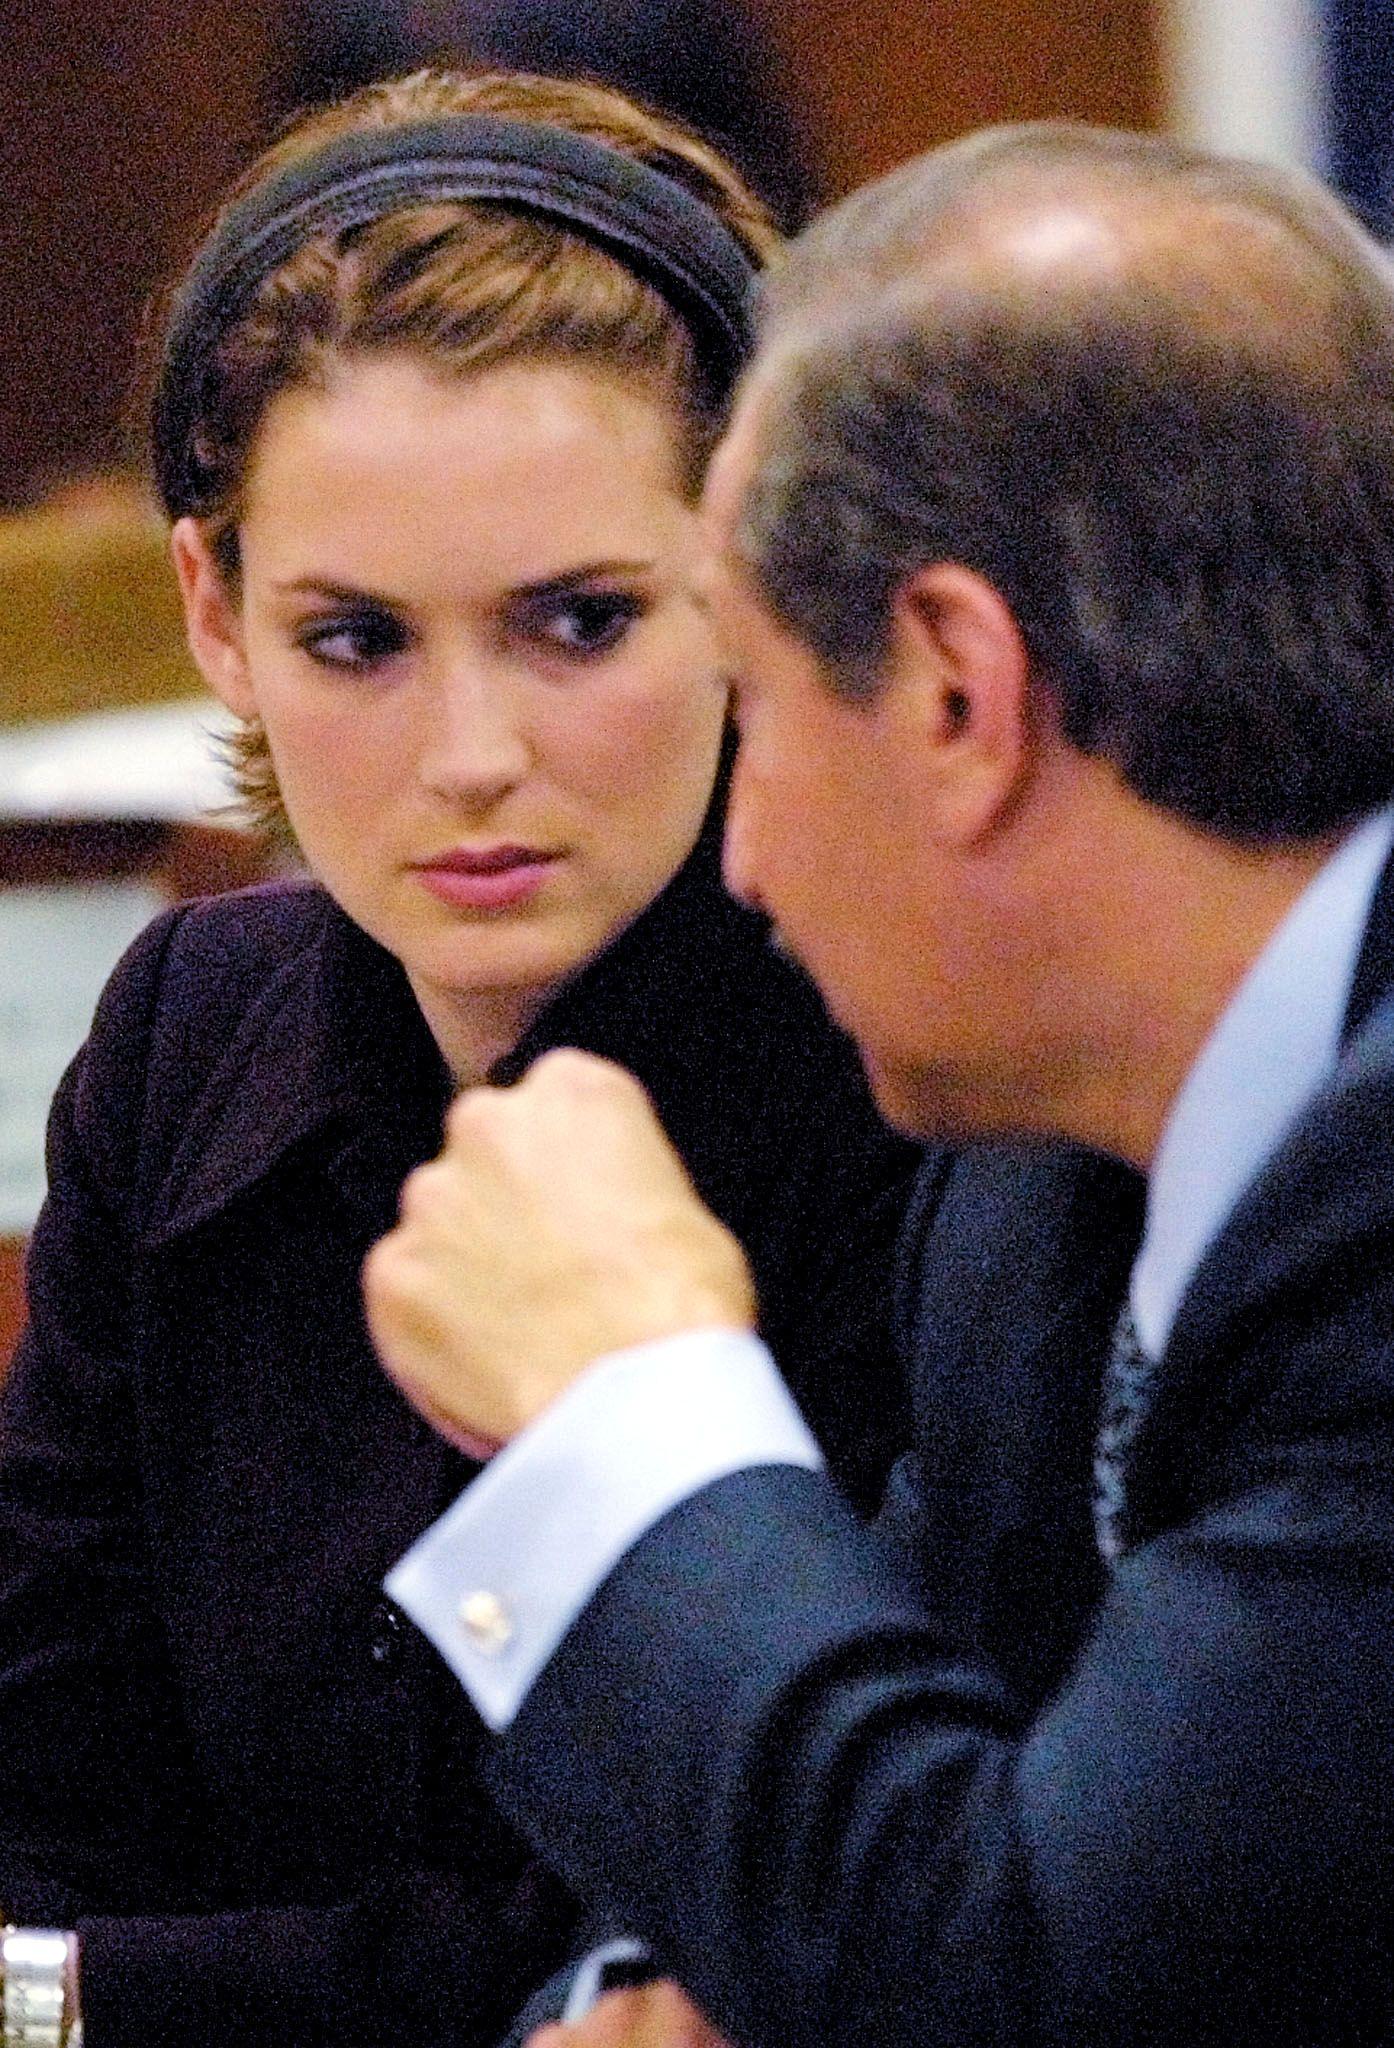 I RETTEN: I 2001 ble Ryder skyldig i tyveri. Bildet er tatt fra da hun fikk dommen. Her snakker hun med advokaten Mark Geragos i retten. Foto: REUTERS/LEE CELANO/POOL